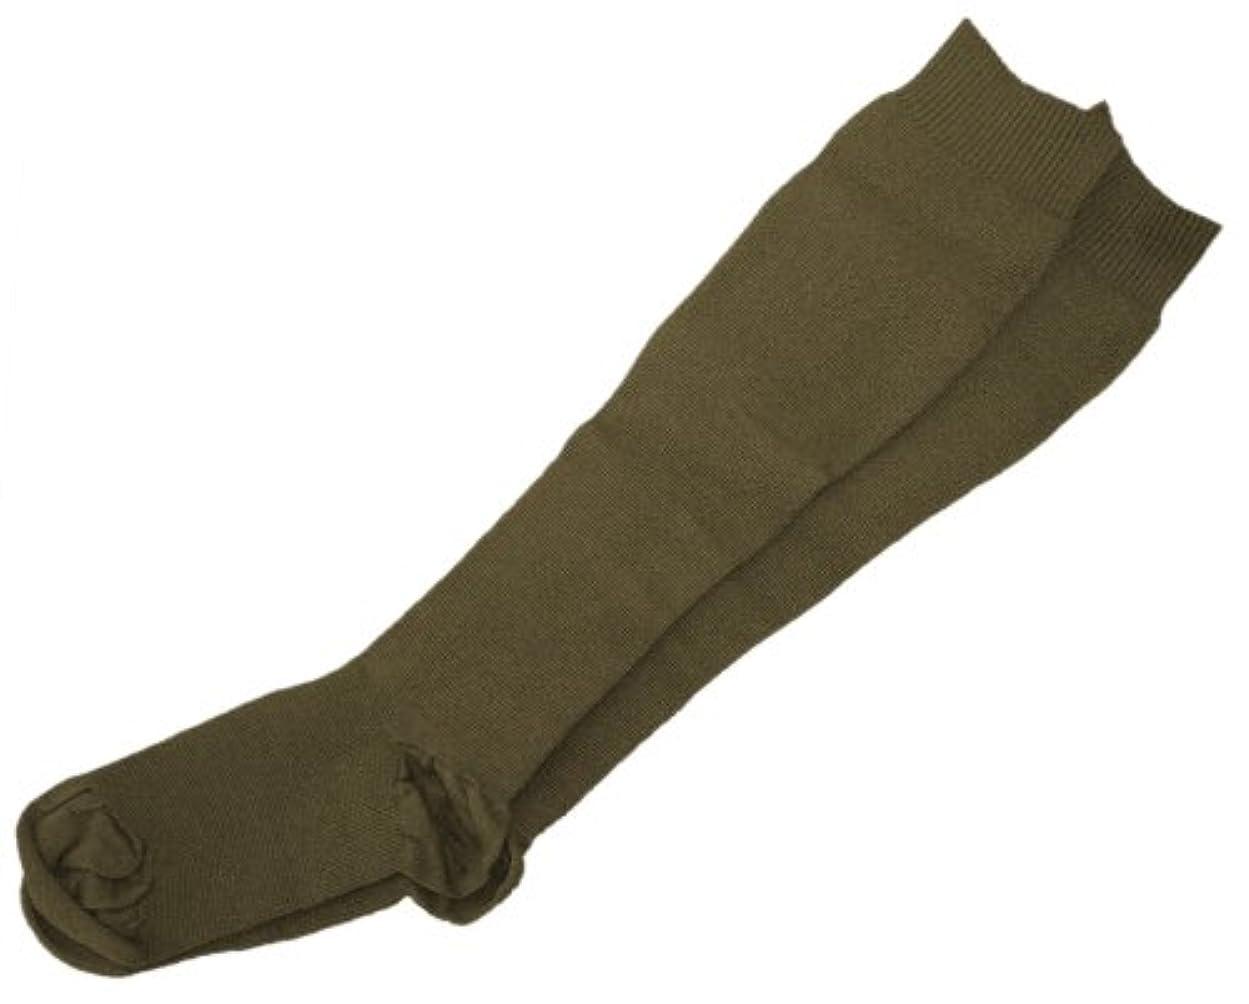 リングバックシティ遮るギロファ スタンダードソックス ブラウン Mサイズ(24.0~25.5cm)